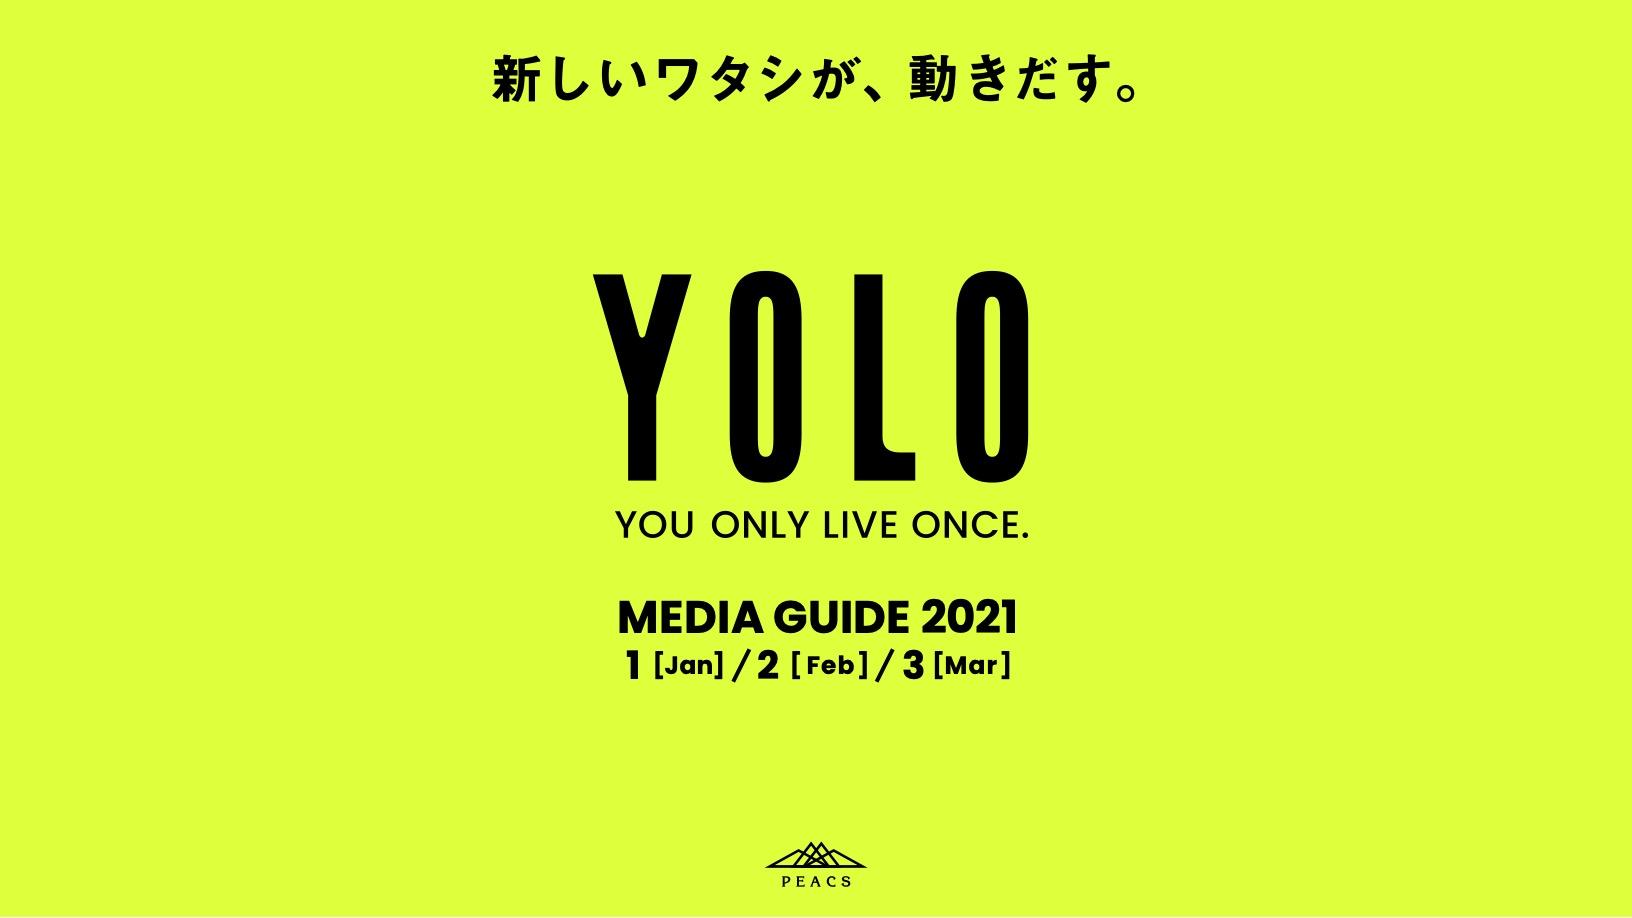 yolo_mediaguide_2021.1-3